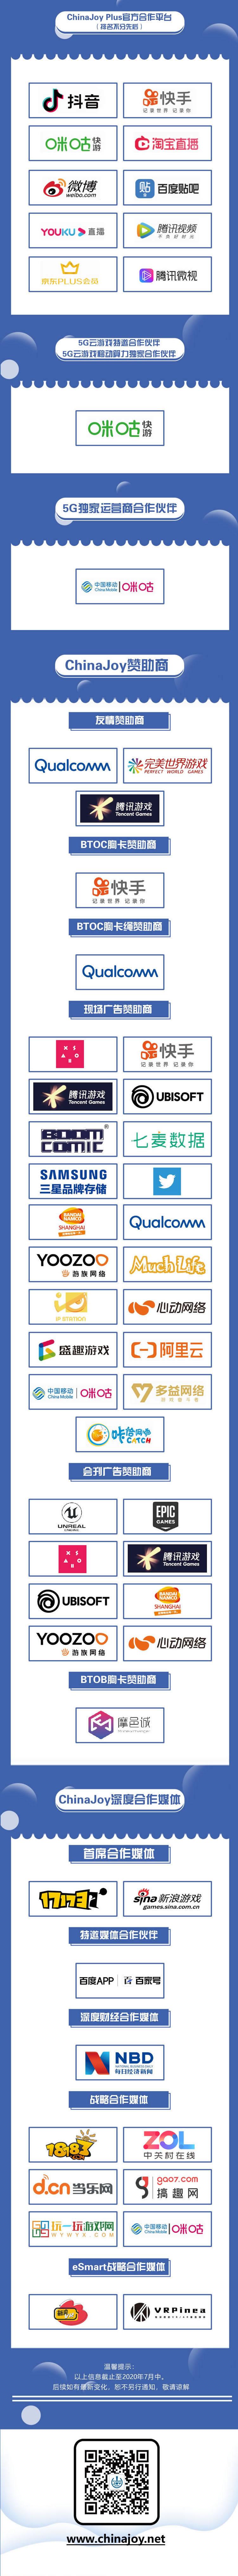 2020年第十八届ChinaJoy展前预览